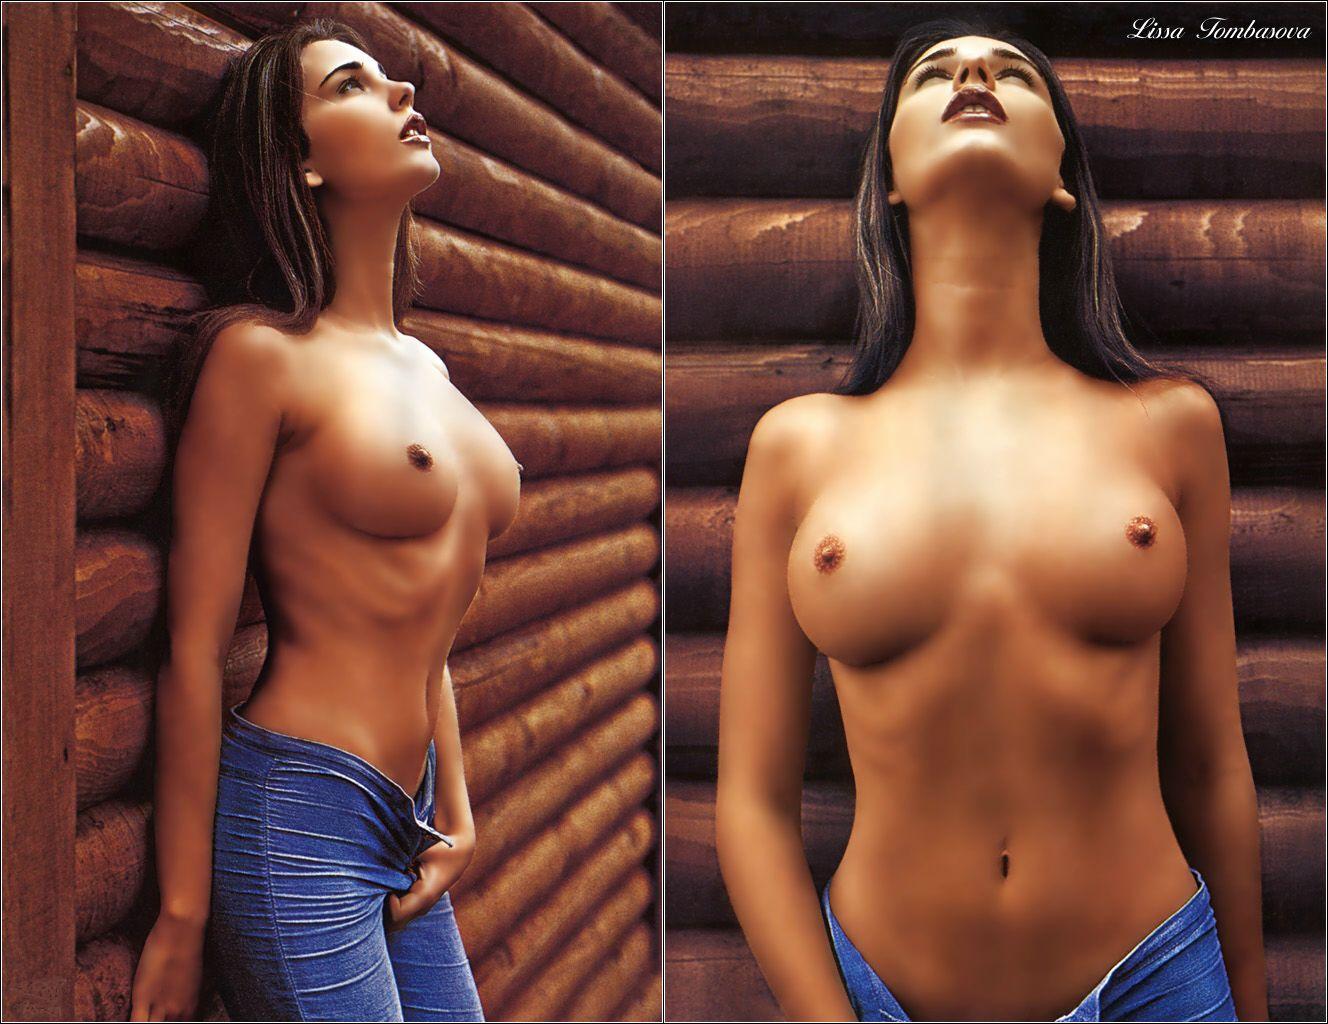 грудь женская голая 2 размер